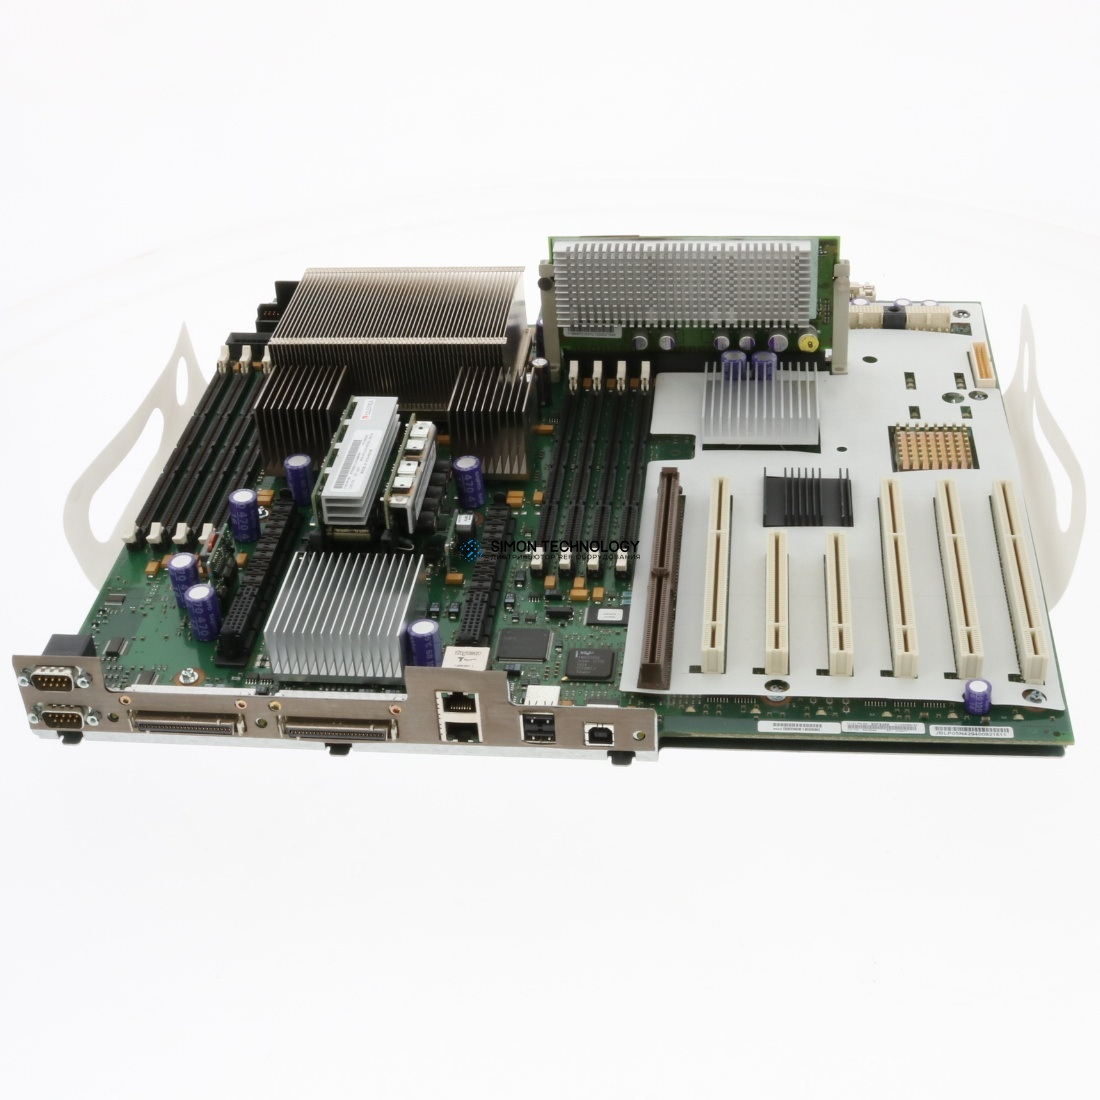 IBM 2-Way 1.5GHz PW5 Processor (5226-9111)